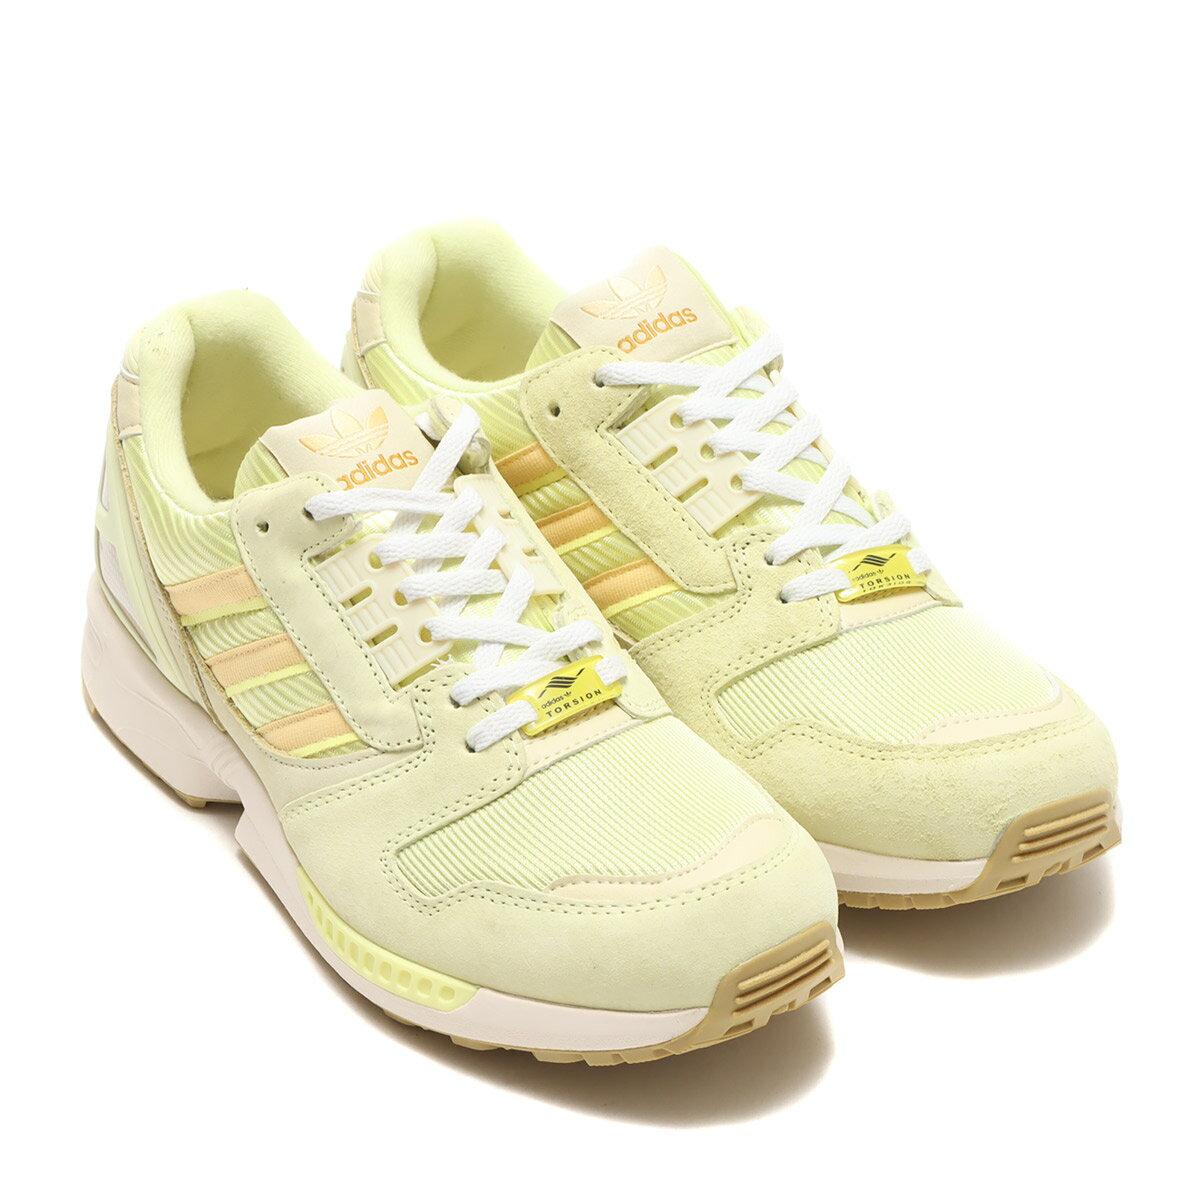 メンズ靴, スニーカー adidas ZX 8000( 8000)YELLOW TINTORANGE TINTPULSE YELLOW 21FW-I